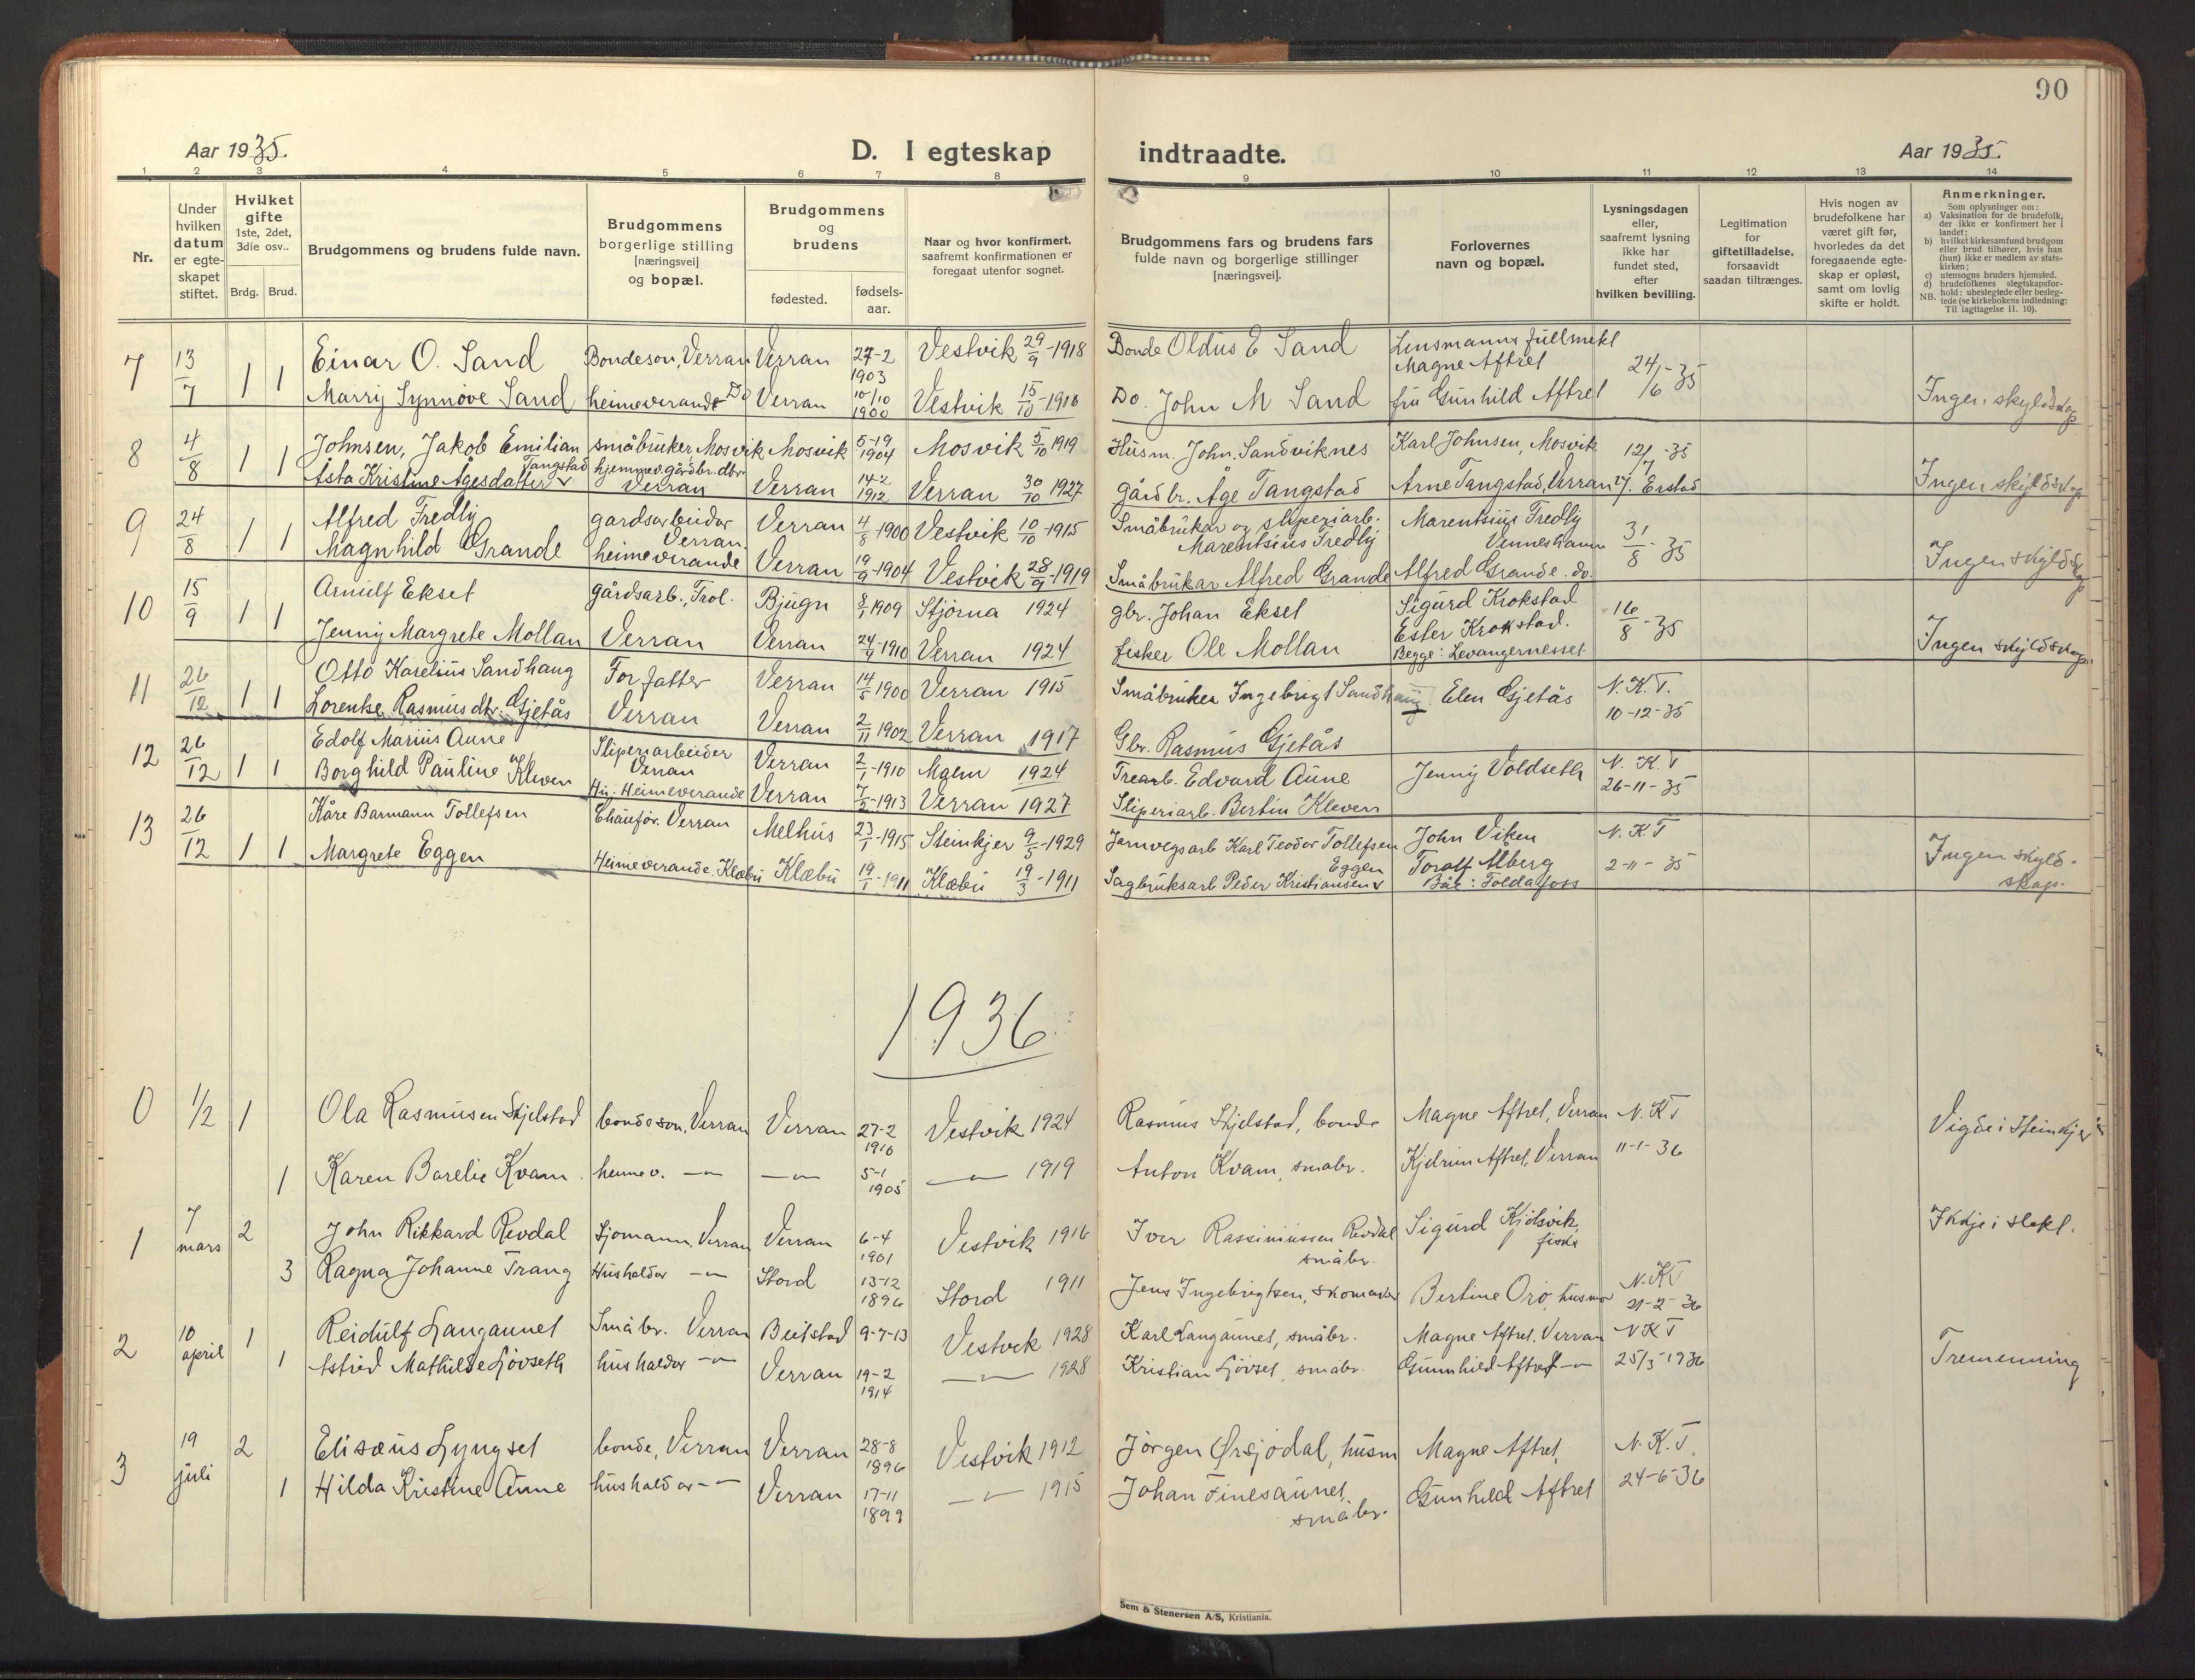 SAT, Ministerialprotokoller, klokkerbøker og fødselsregistre - Nord-Trøndelag, 744/L0425: Klokkerbok nr. 744C04, 1924-1947, s. 90